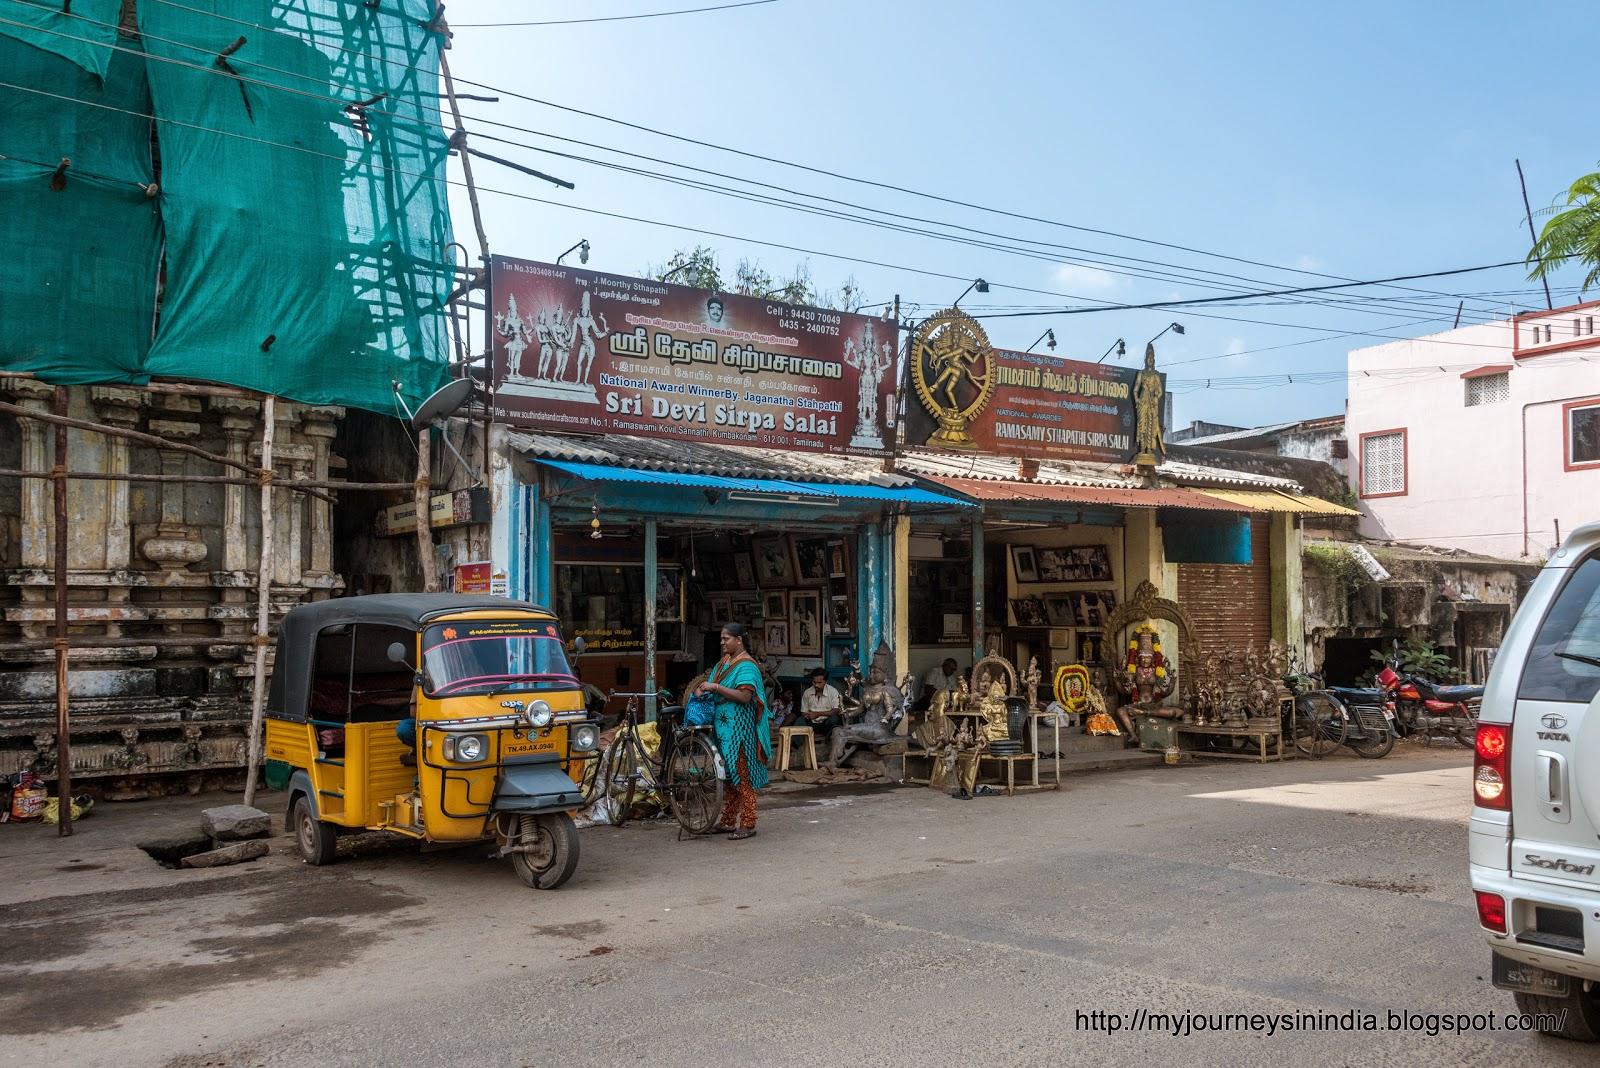 Kumbakonam Art and Craft shops near Ramaswamy Temple